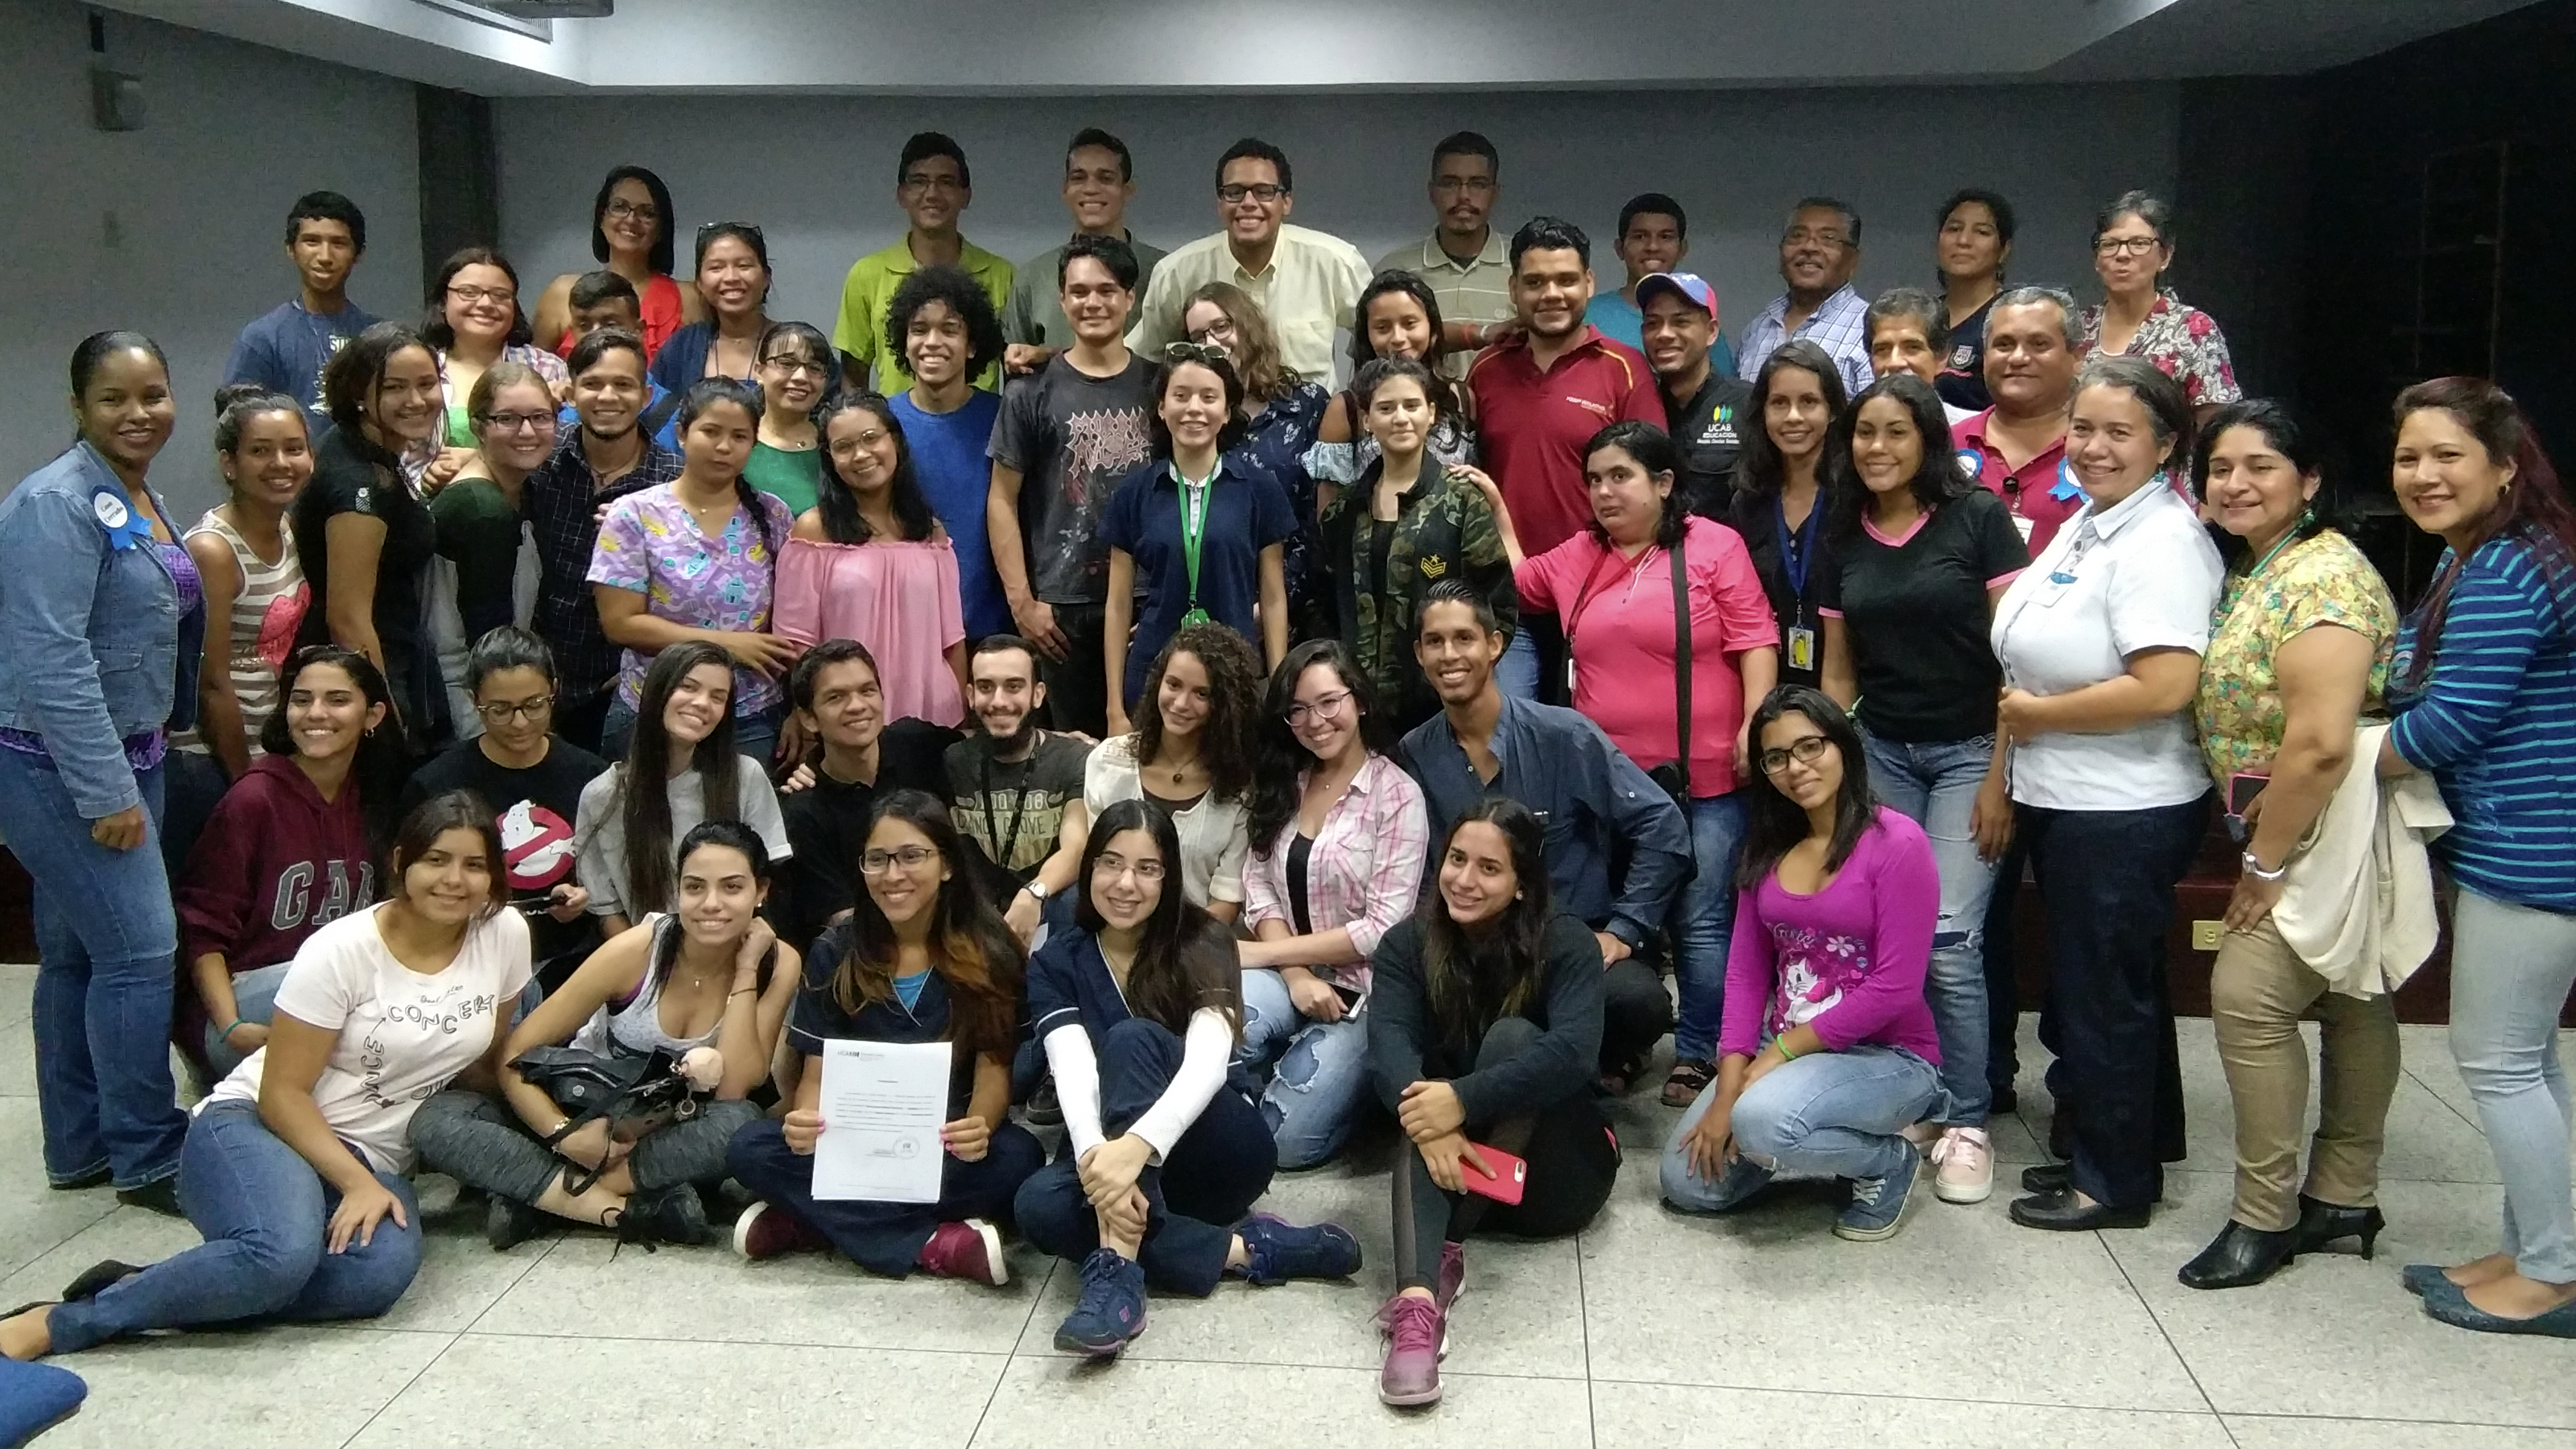 Semana de la Escuela de Educación de Ucab Guayana se celebró con formación y entretenimiento